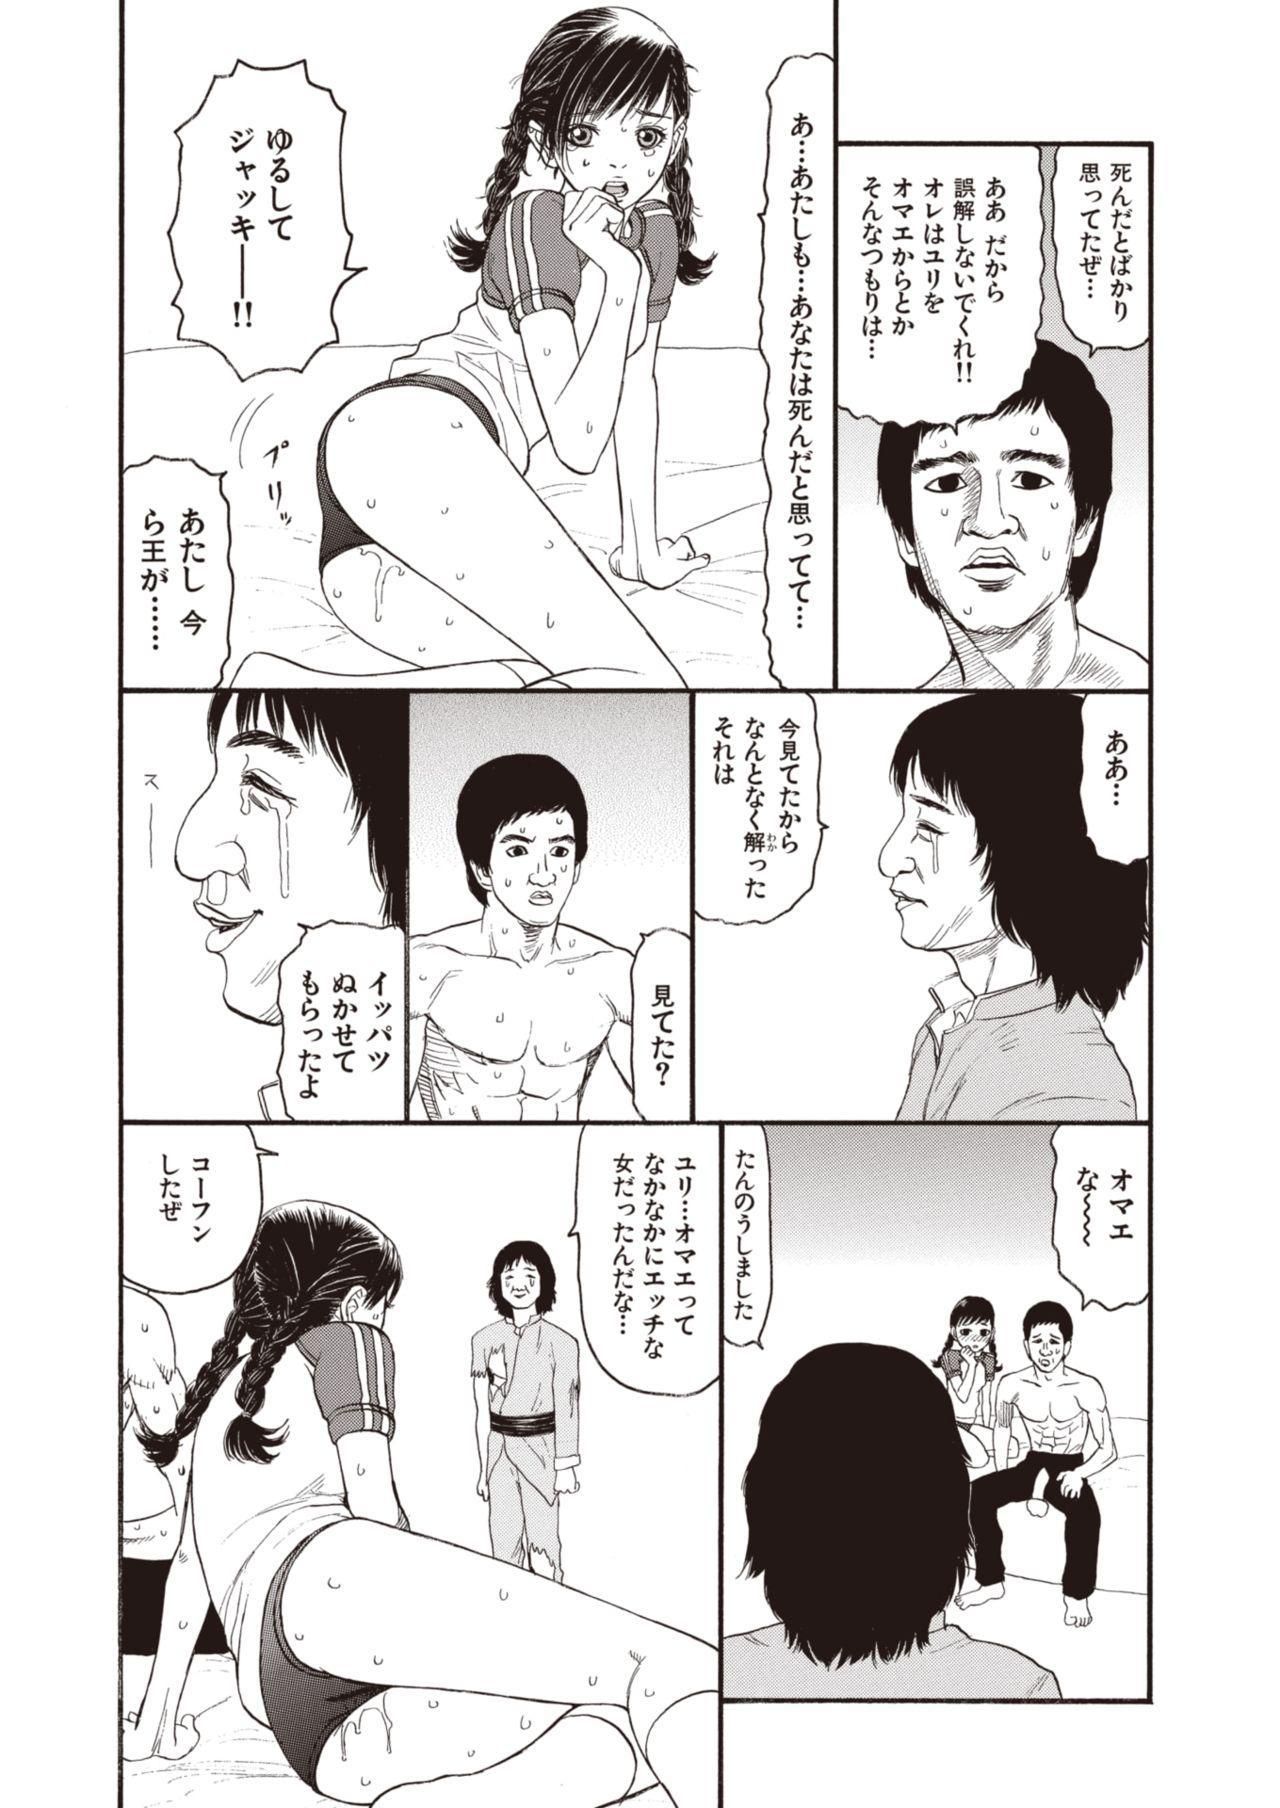 COMIC Kairakuten 25 Shuunen kinen tokubetsugou 61